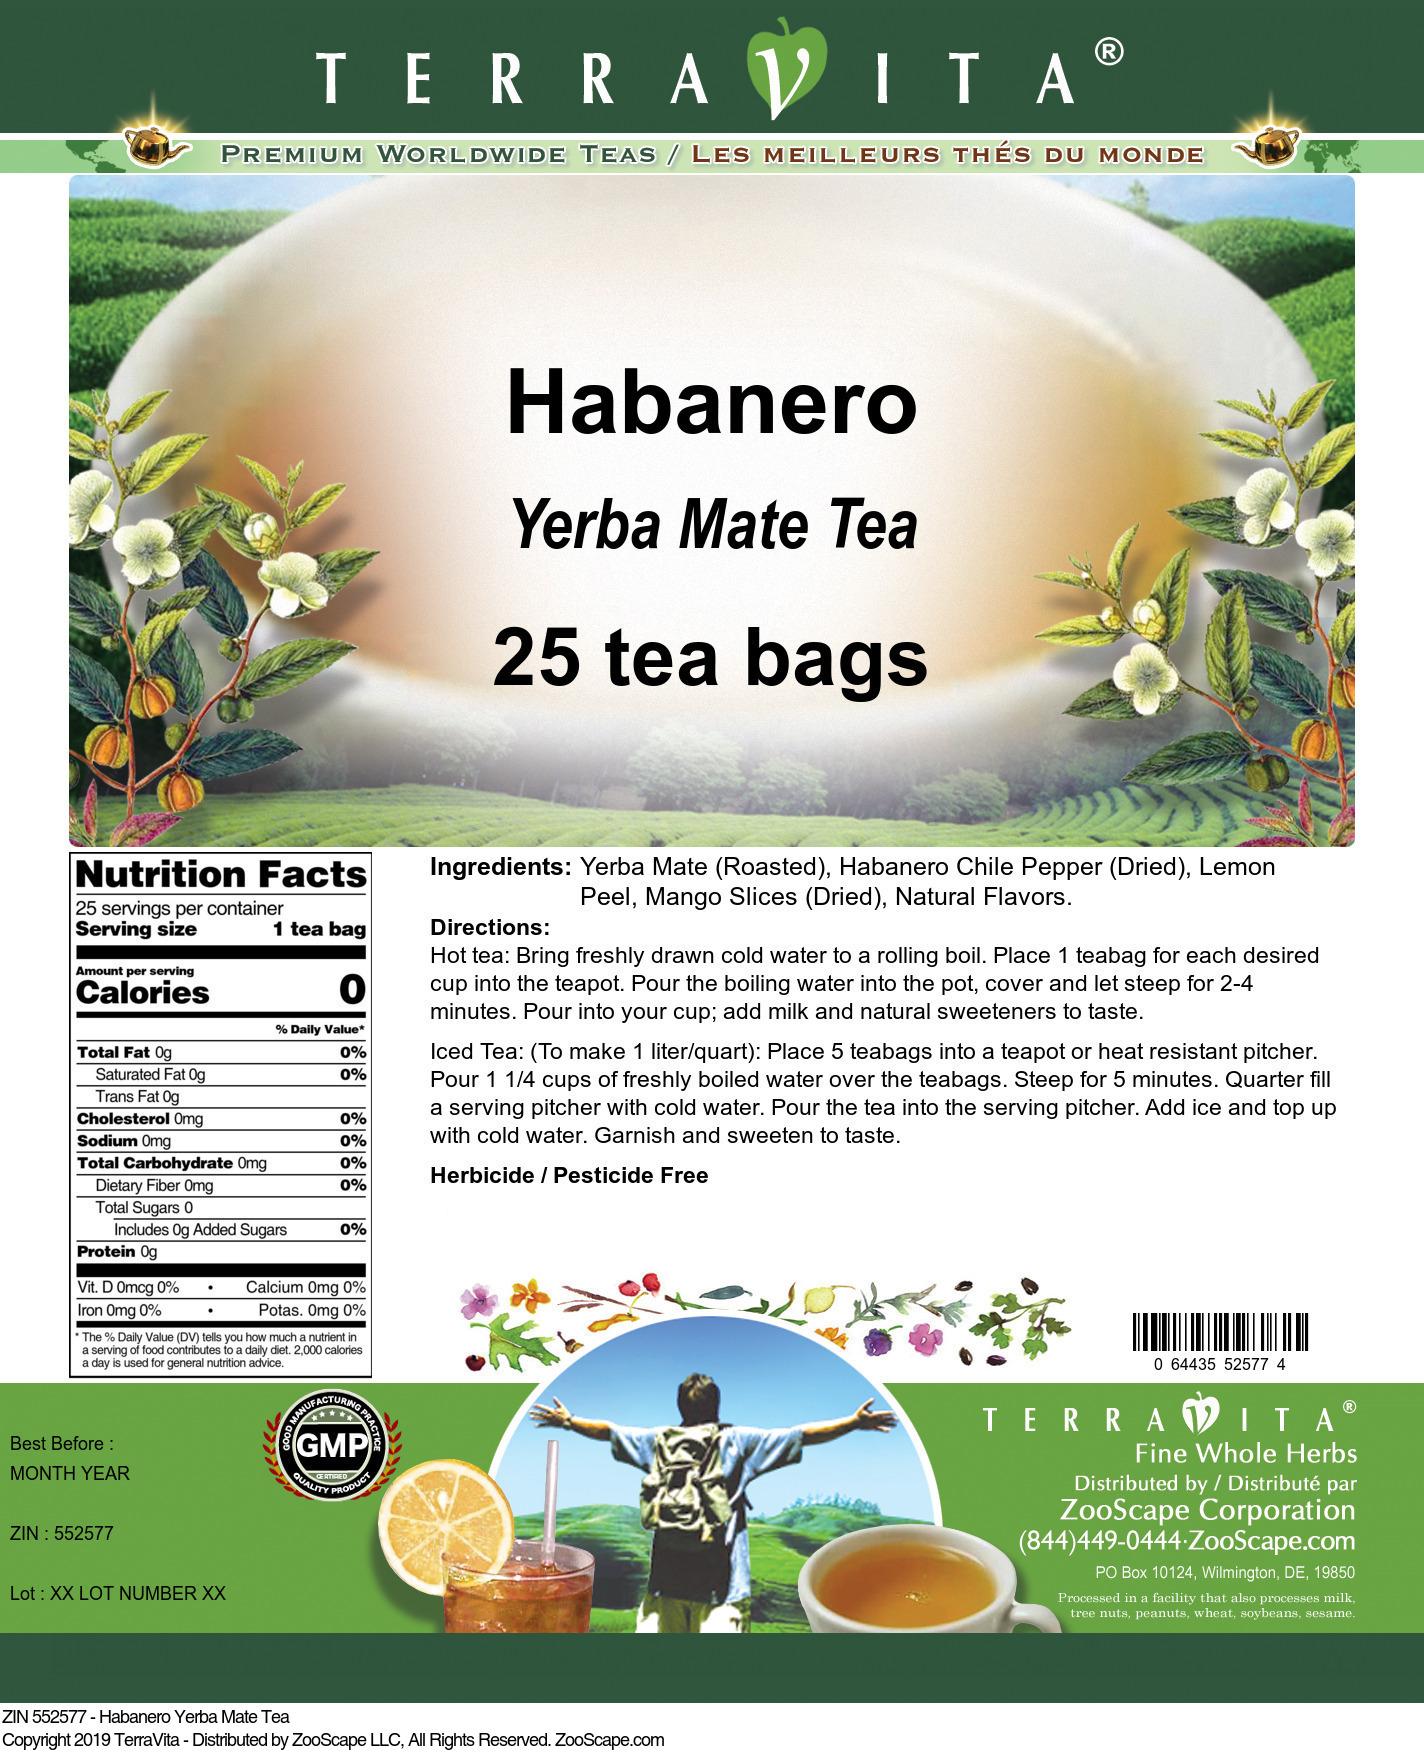 Habanero Yerba Mate Tea